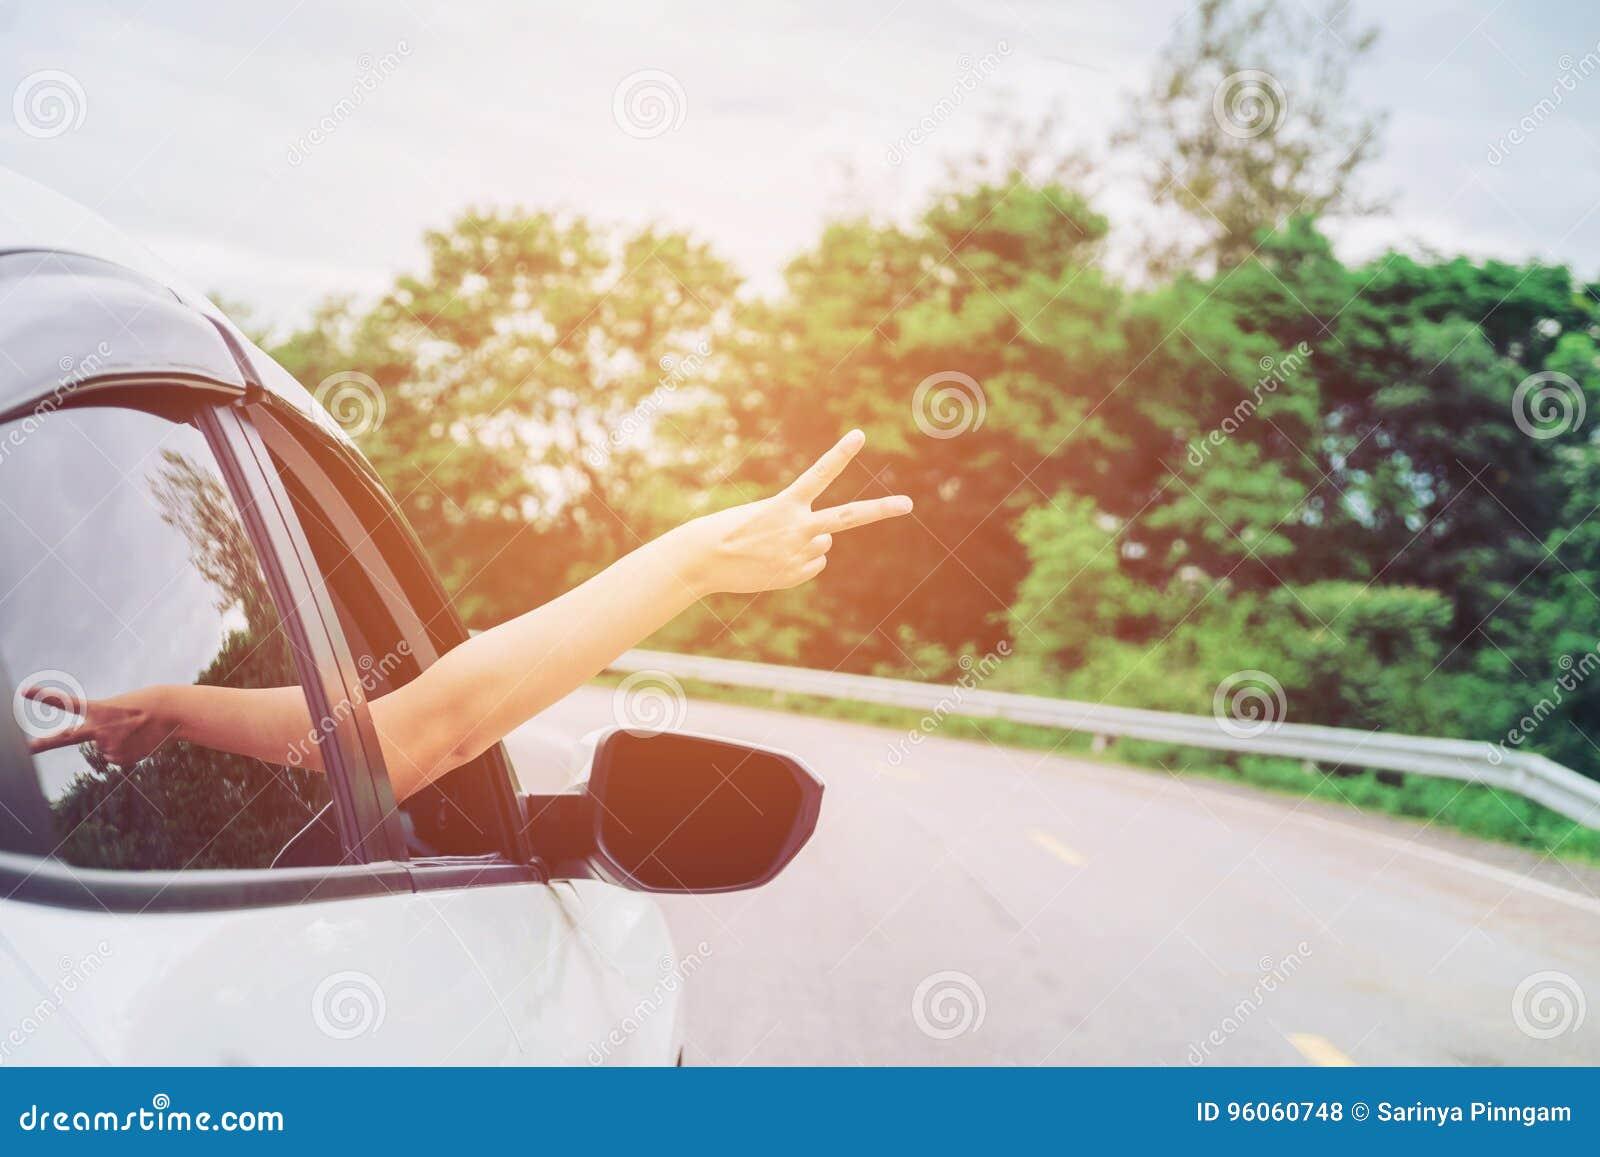 Gelukkig mooi meisje die in een vijfdeursautoauto reizen